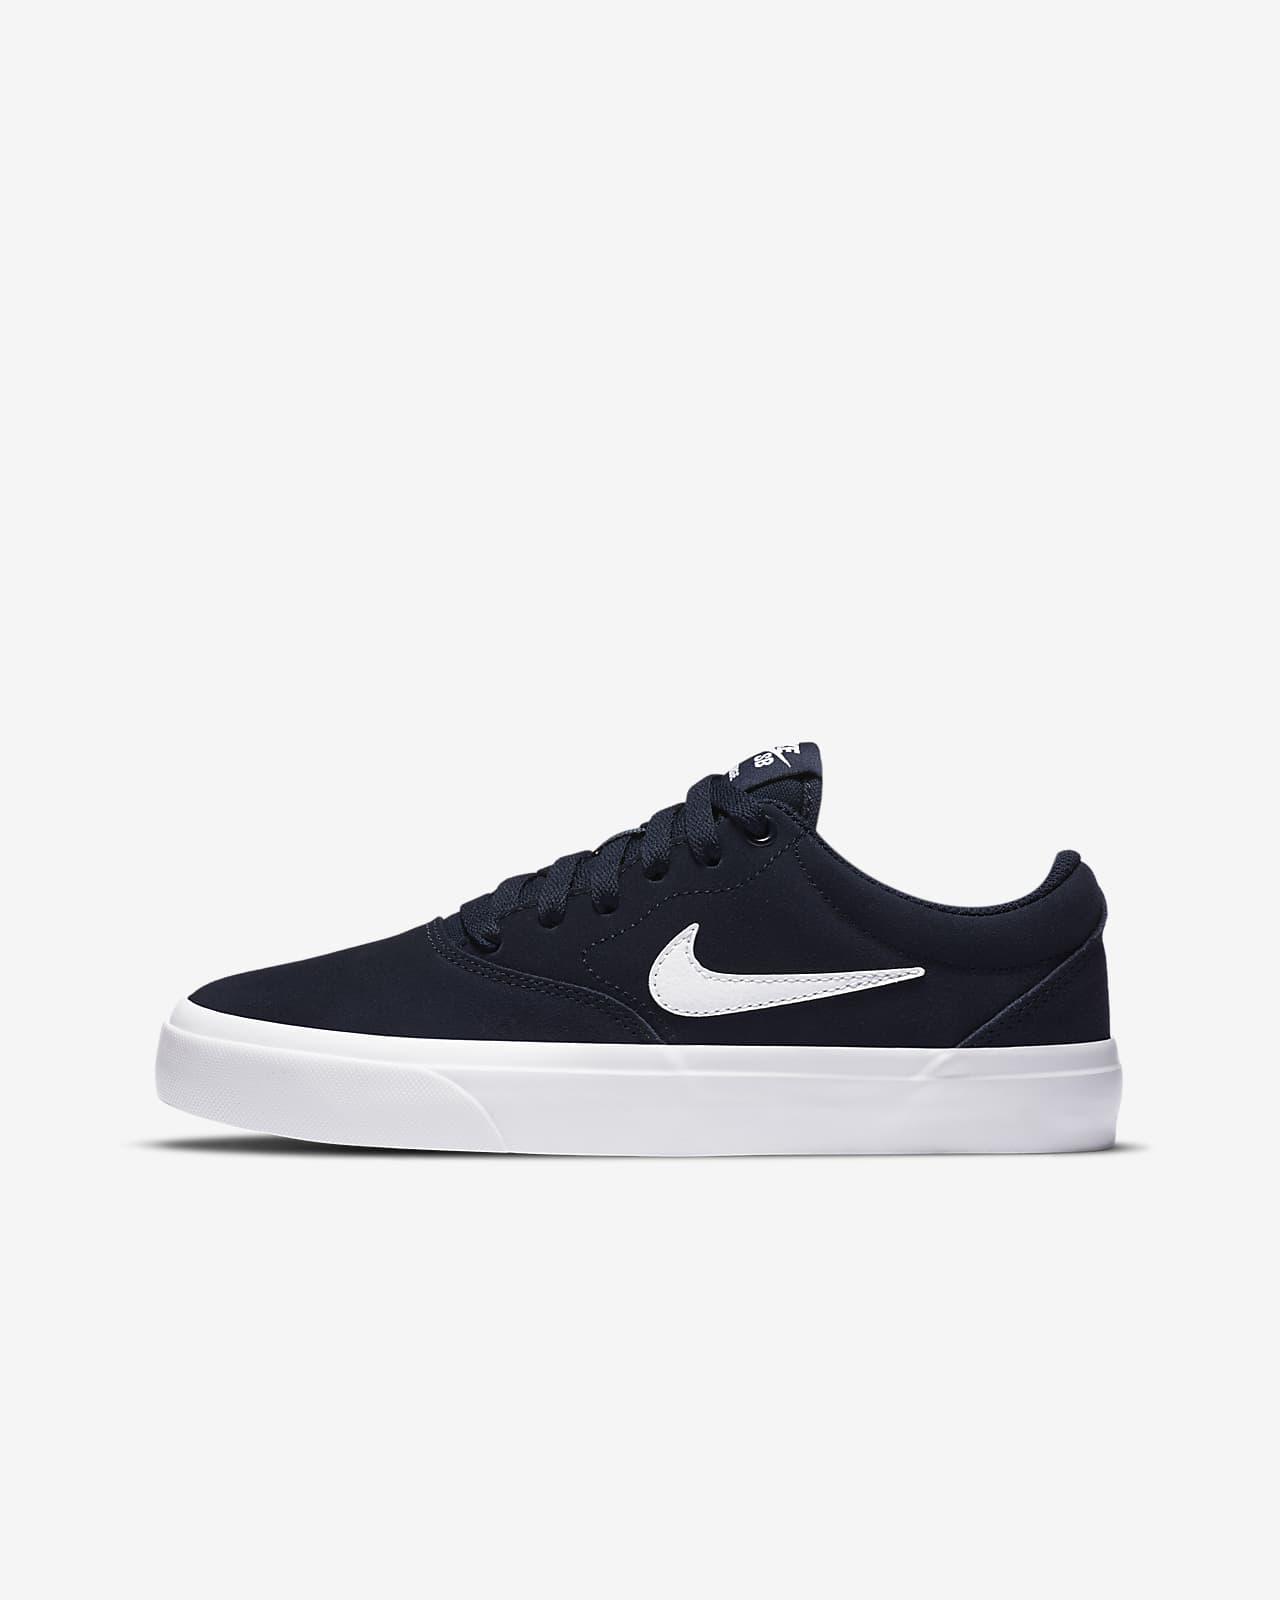 Nike SB Charge Genç Çocuk Kaykay Ayakkabısı